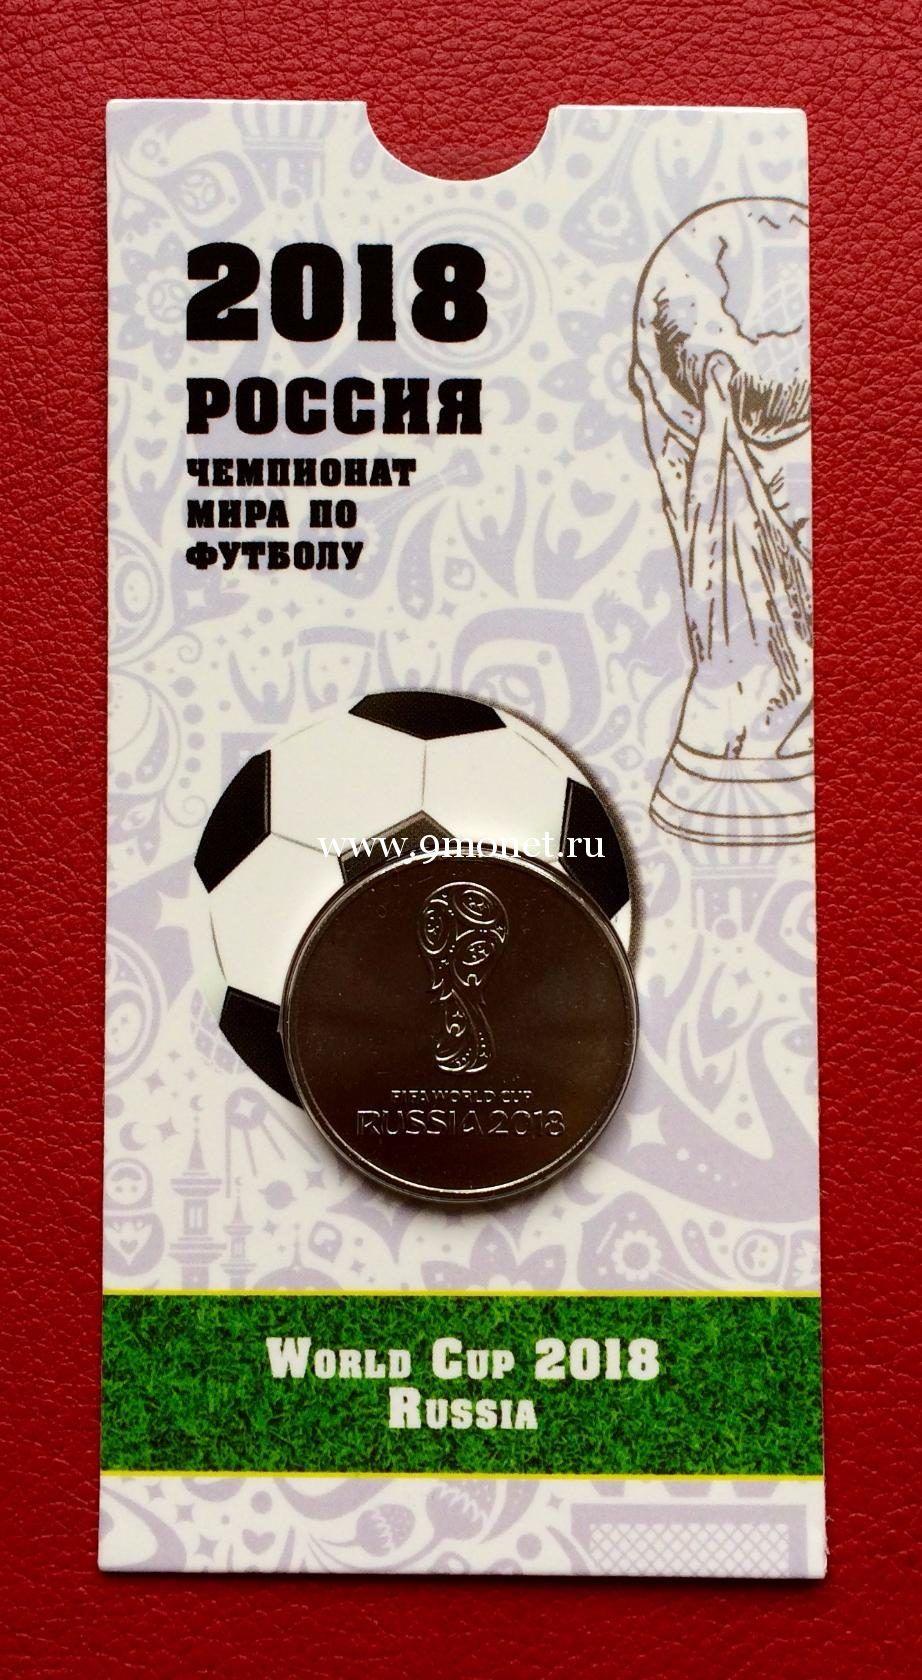 25 рублей чемпионат мира по футболу 2018 где купить